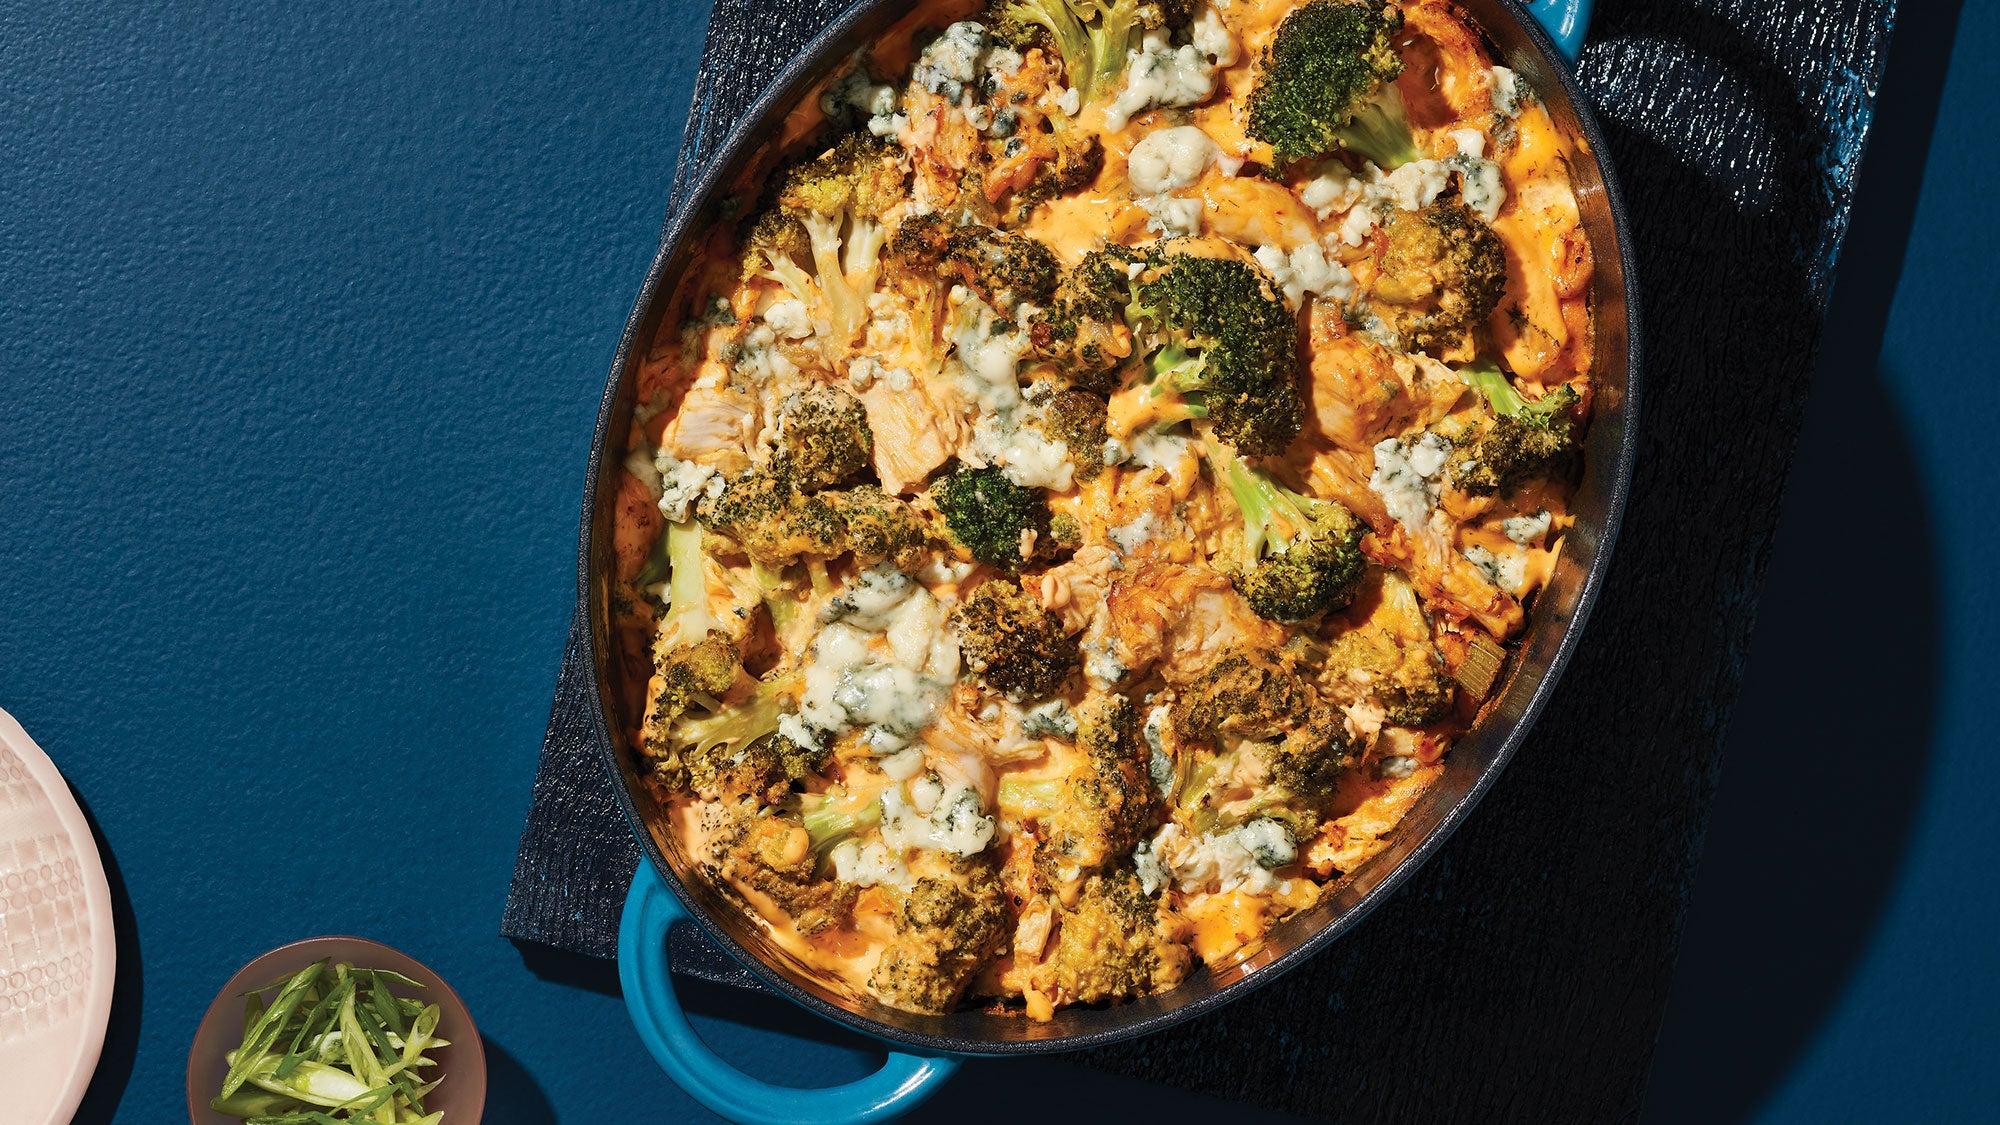 Buffalo Chicken & Broccoli Casserole recipe